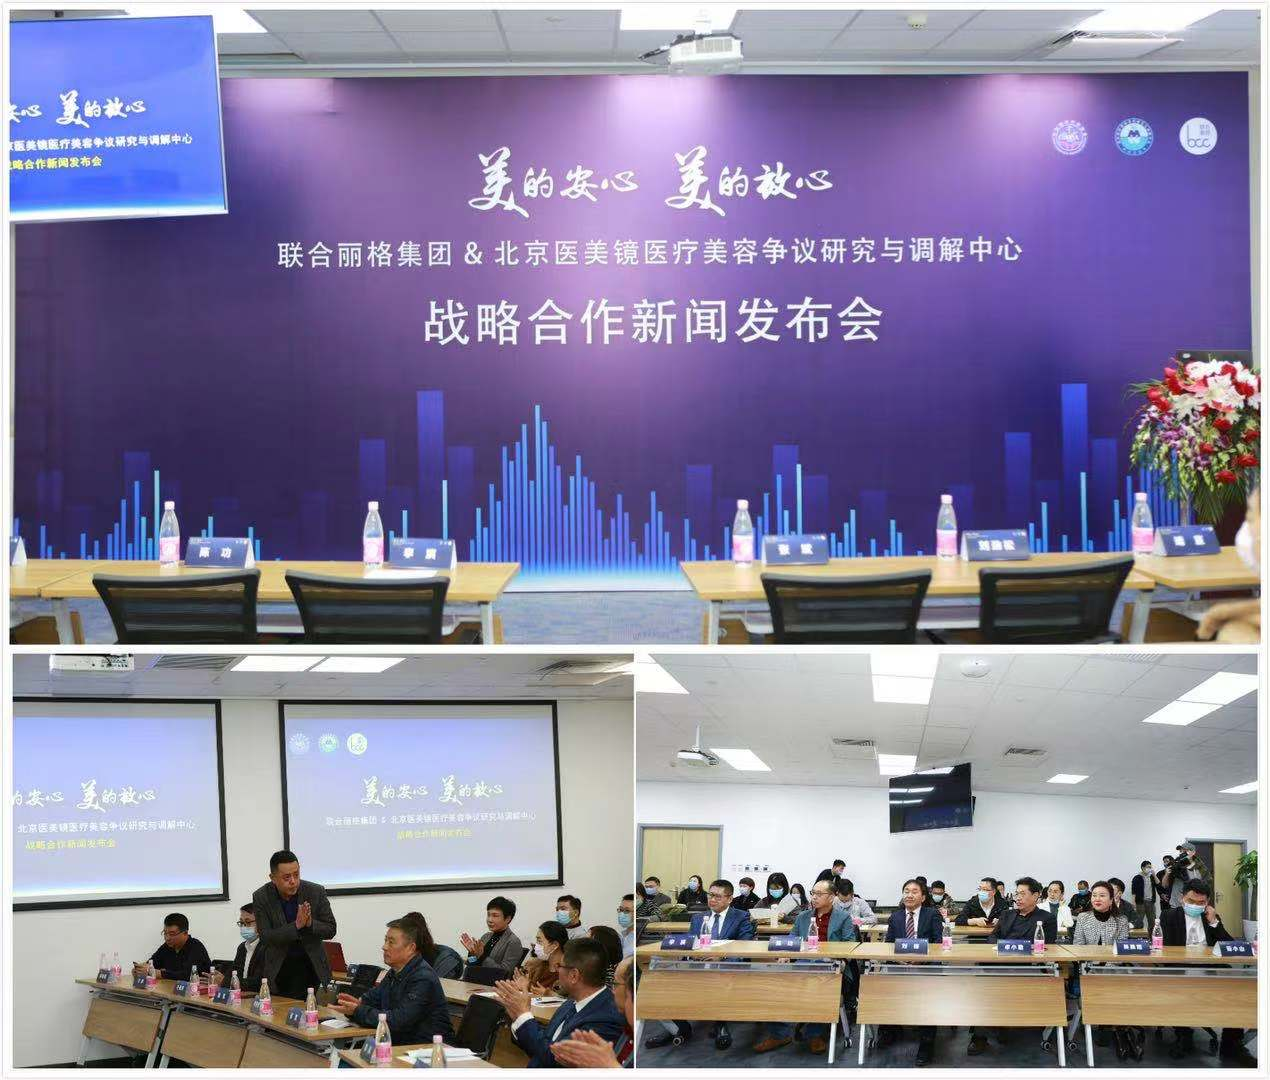 联合丽格携手北京医美镜医疗美容争议研究与调解中心规范医美行业